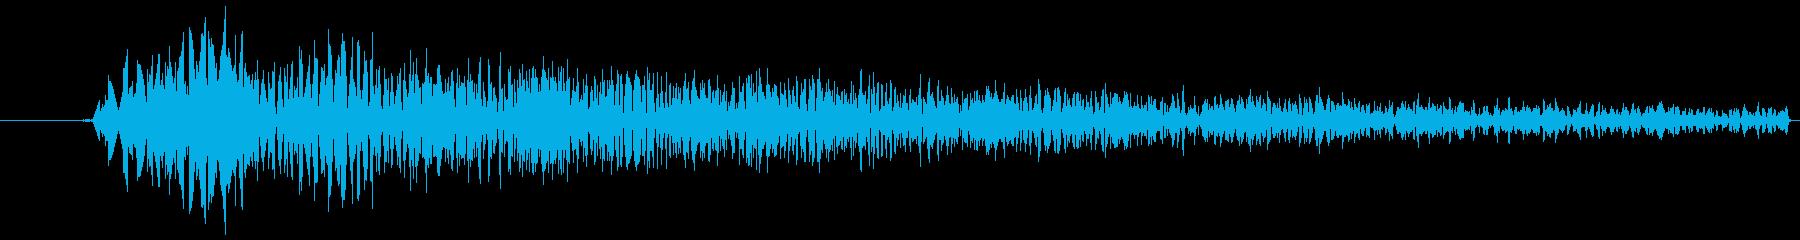 【★ビューン/効果音/アプリ/映像】の再生済みの波形